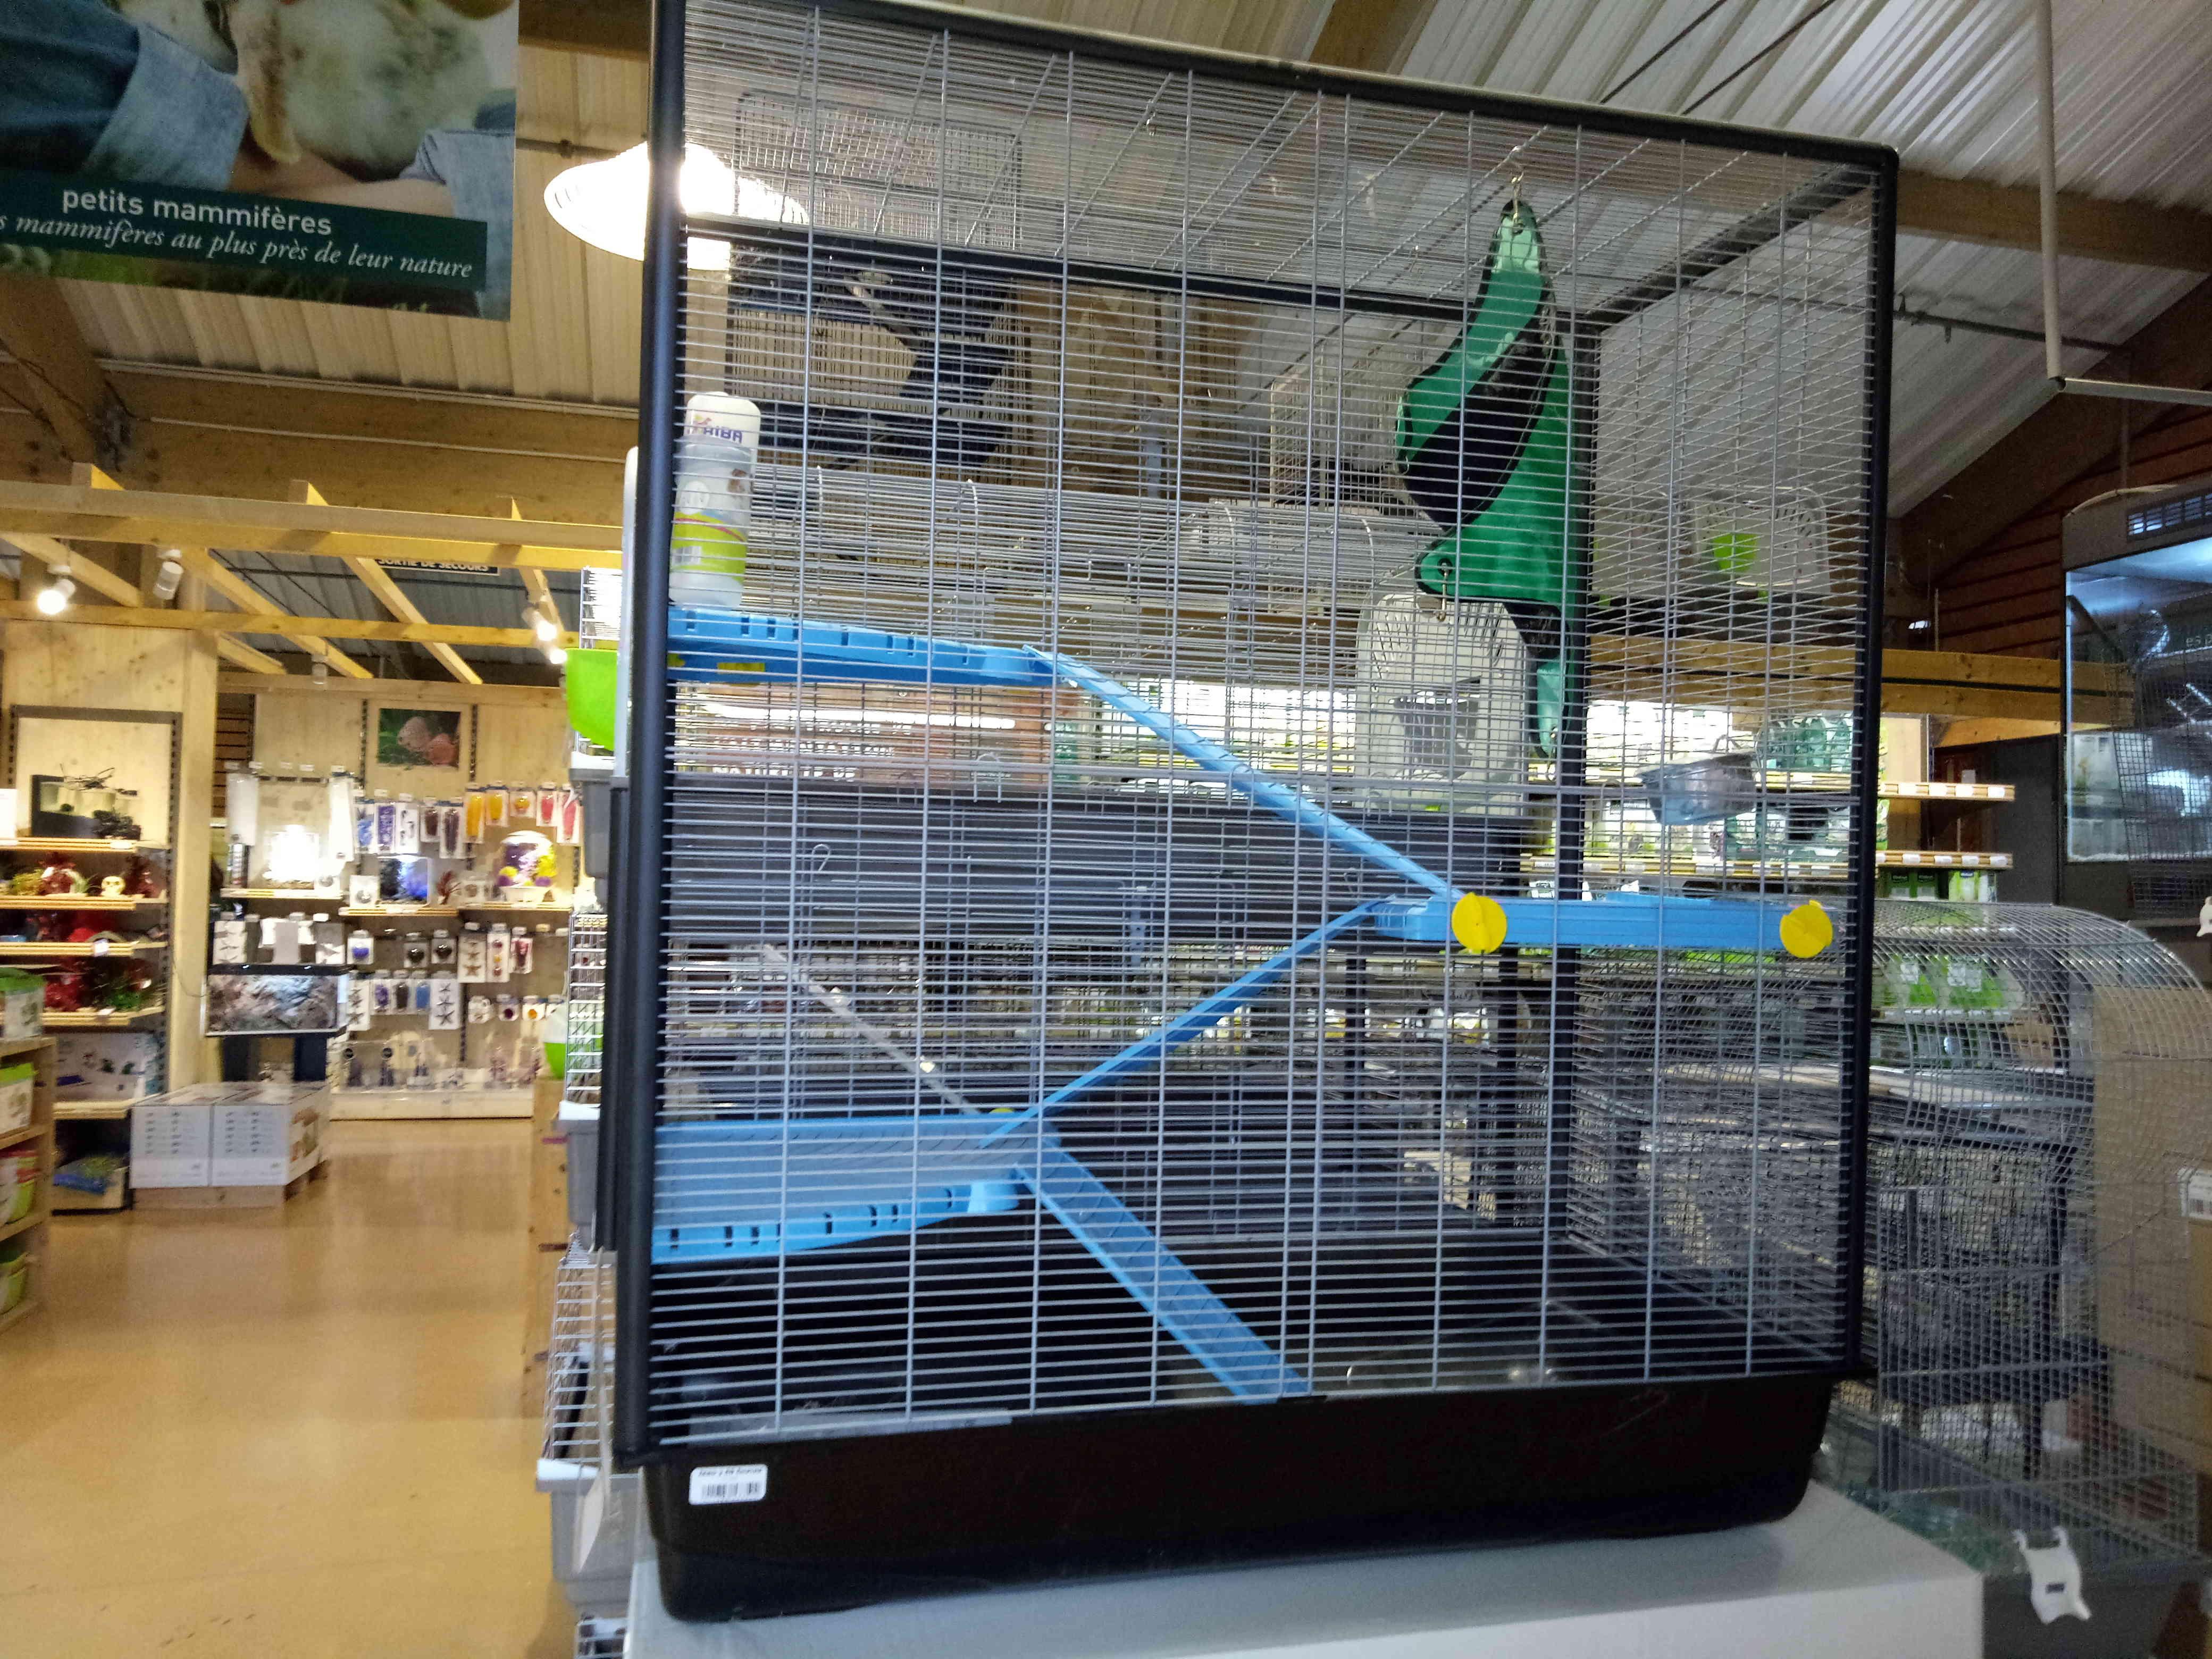 Aménager une cage lapin pour mes rats Ou Choix de cage  - Page 2 Img_2011